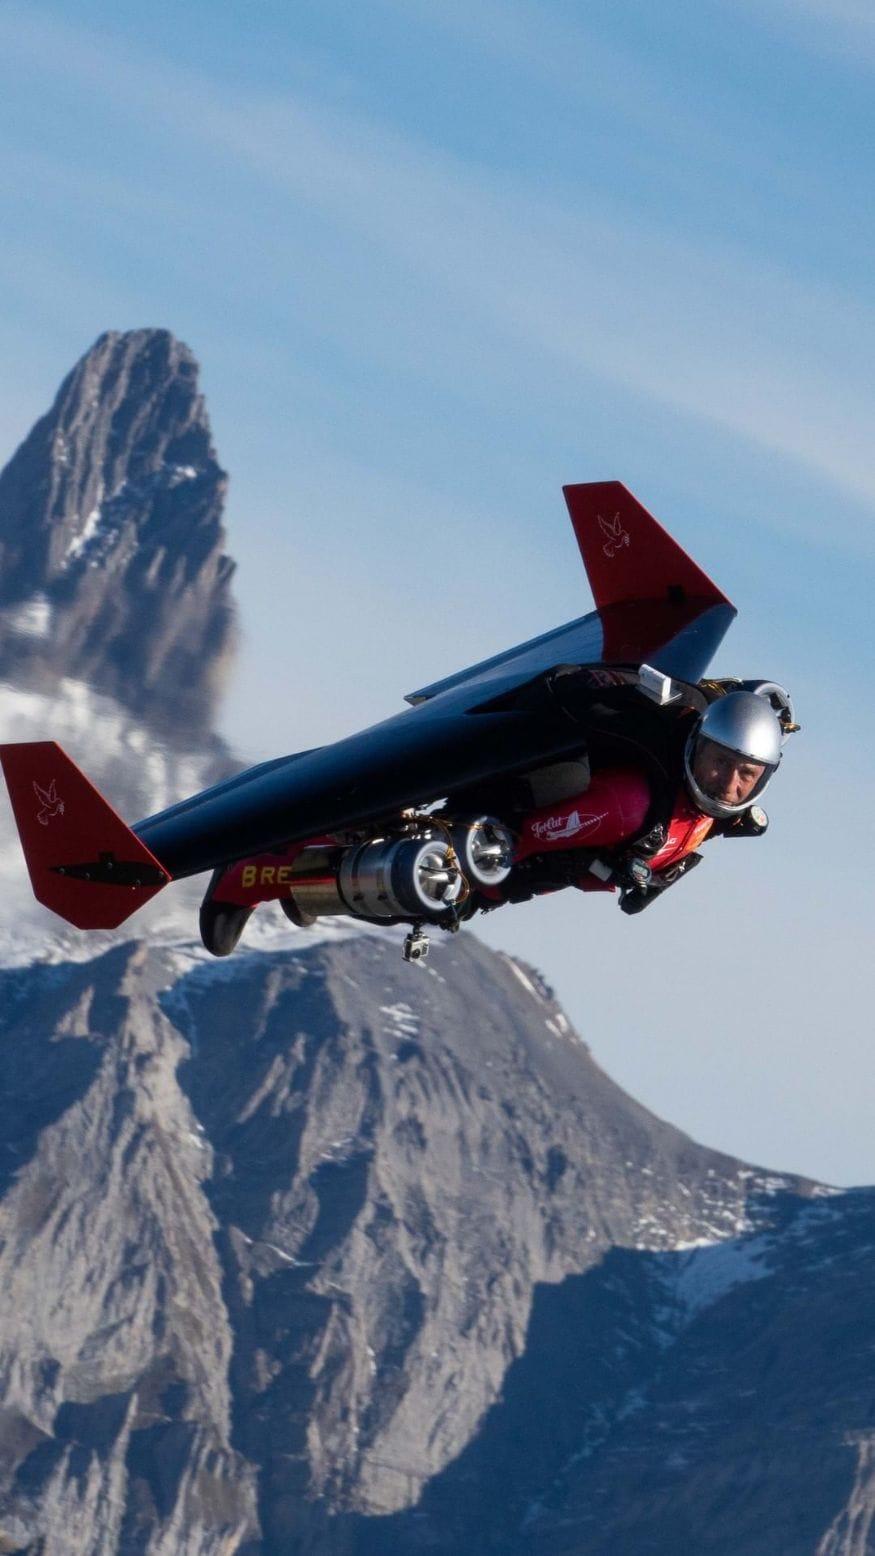 जेटमॅन (Jet-Man) - स्वित्झर्लंडमधील प्रोफेशनल पायलट आणि एरोनॉटिकल इंजिनीअर येवेसरूस्सी (Yves Rossi) हे पहिलेjet-pack-powered flight आहेत. आपण बॅटमॅनपासून प्रेरणा घेतल्याचादावा त्यांनी केला आहे. (फोटो सौजन्य - इन्स्टाग्राम)